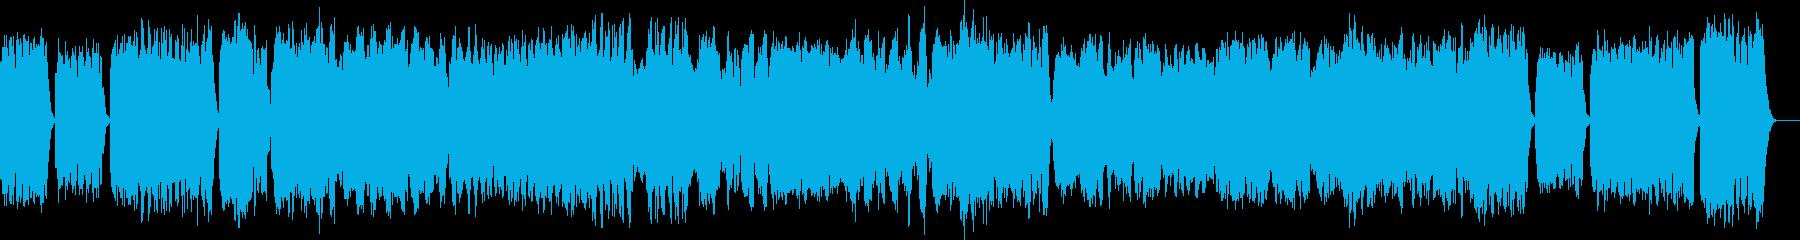 マンドリンコンチェルトの再生済みの波形